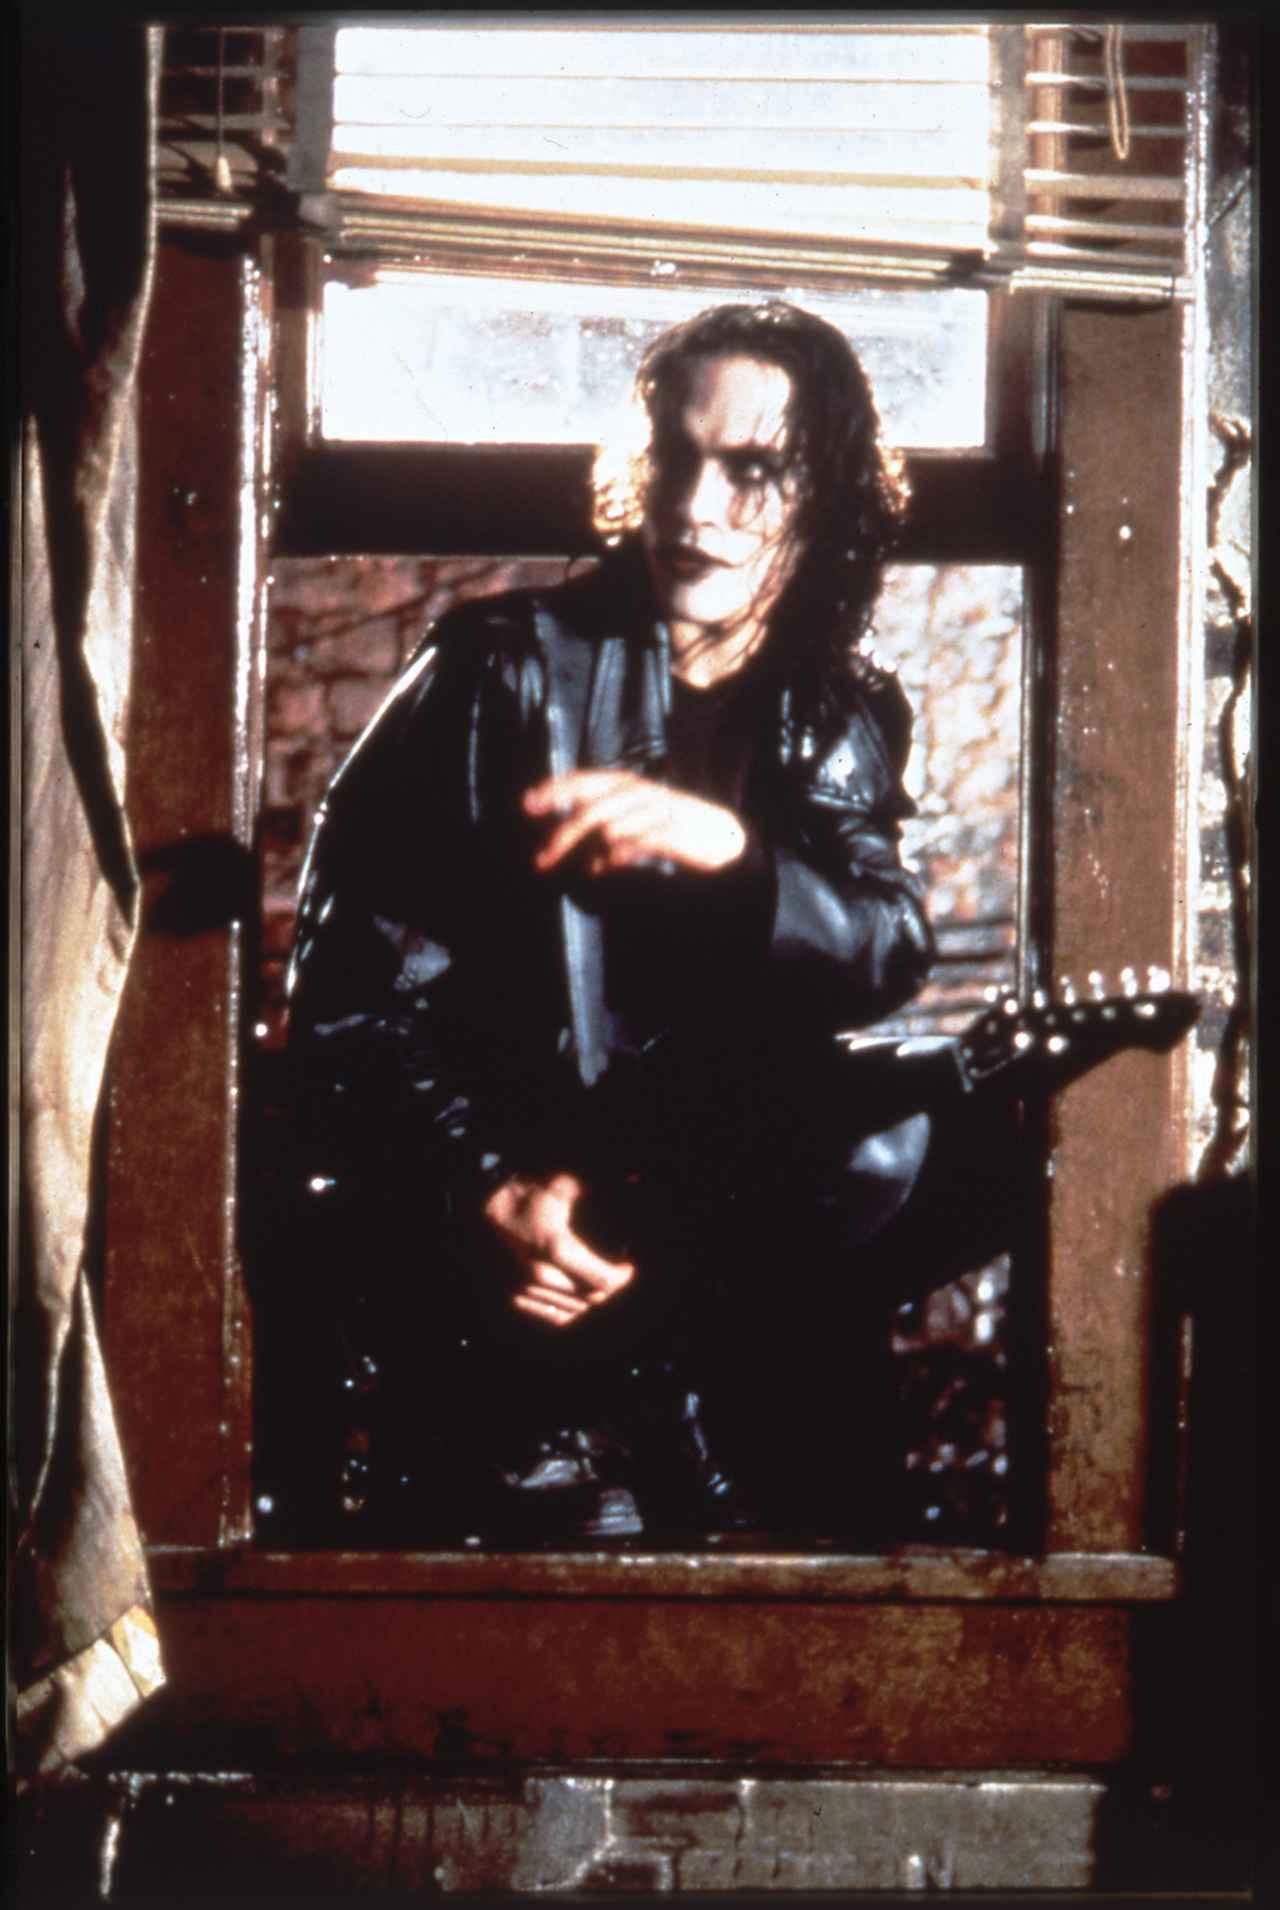 画像: 「クロウ/飛翔伝説」のブランドン・リー。撮影中に銃の事故で死亡した。